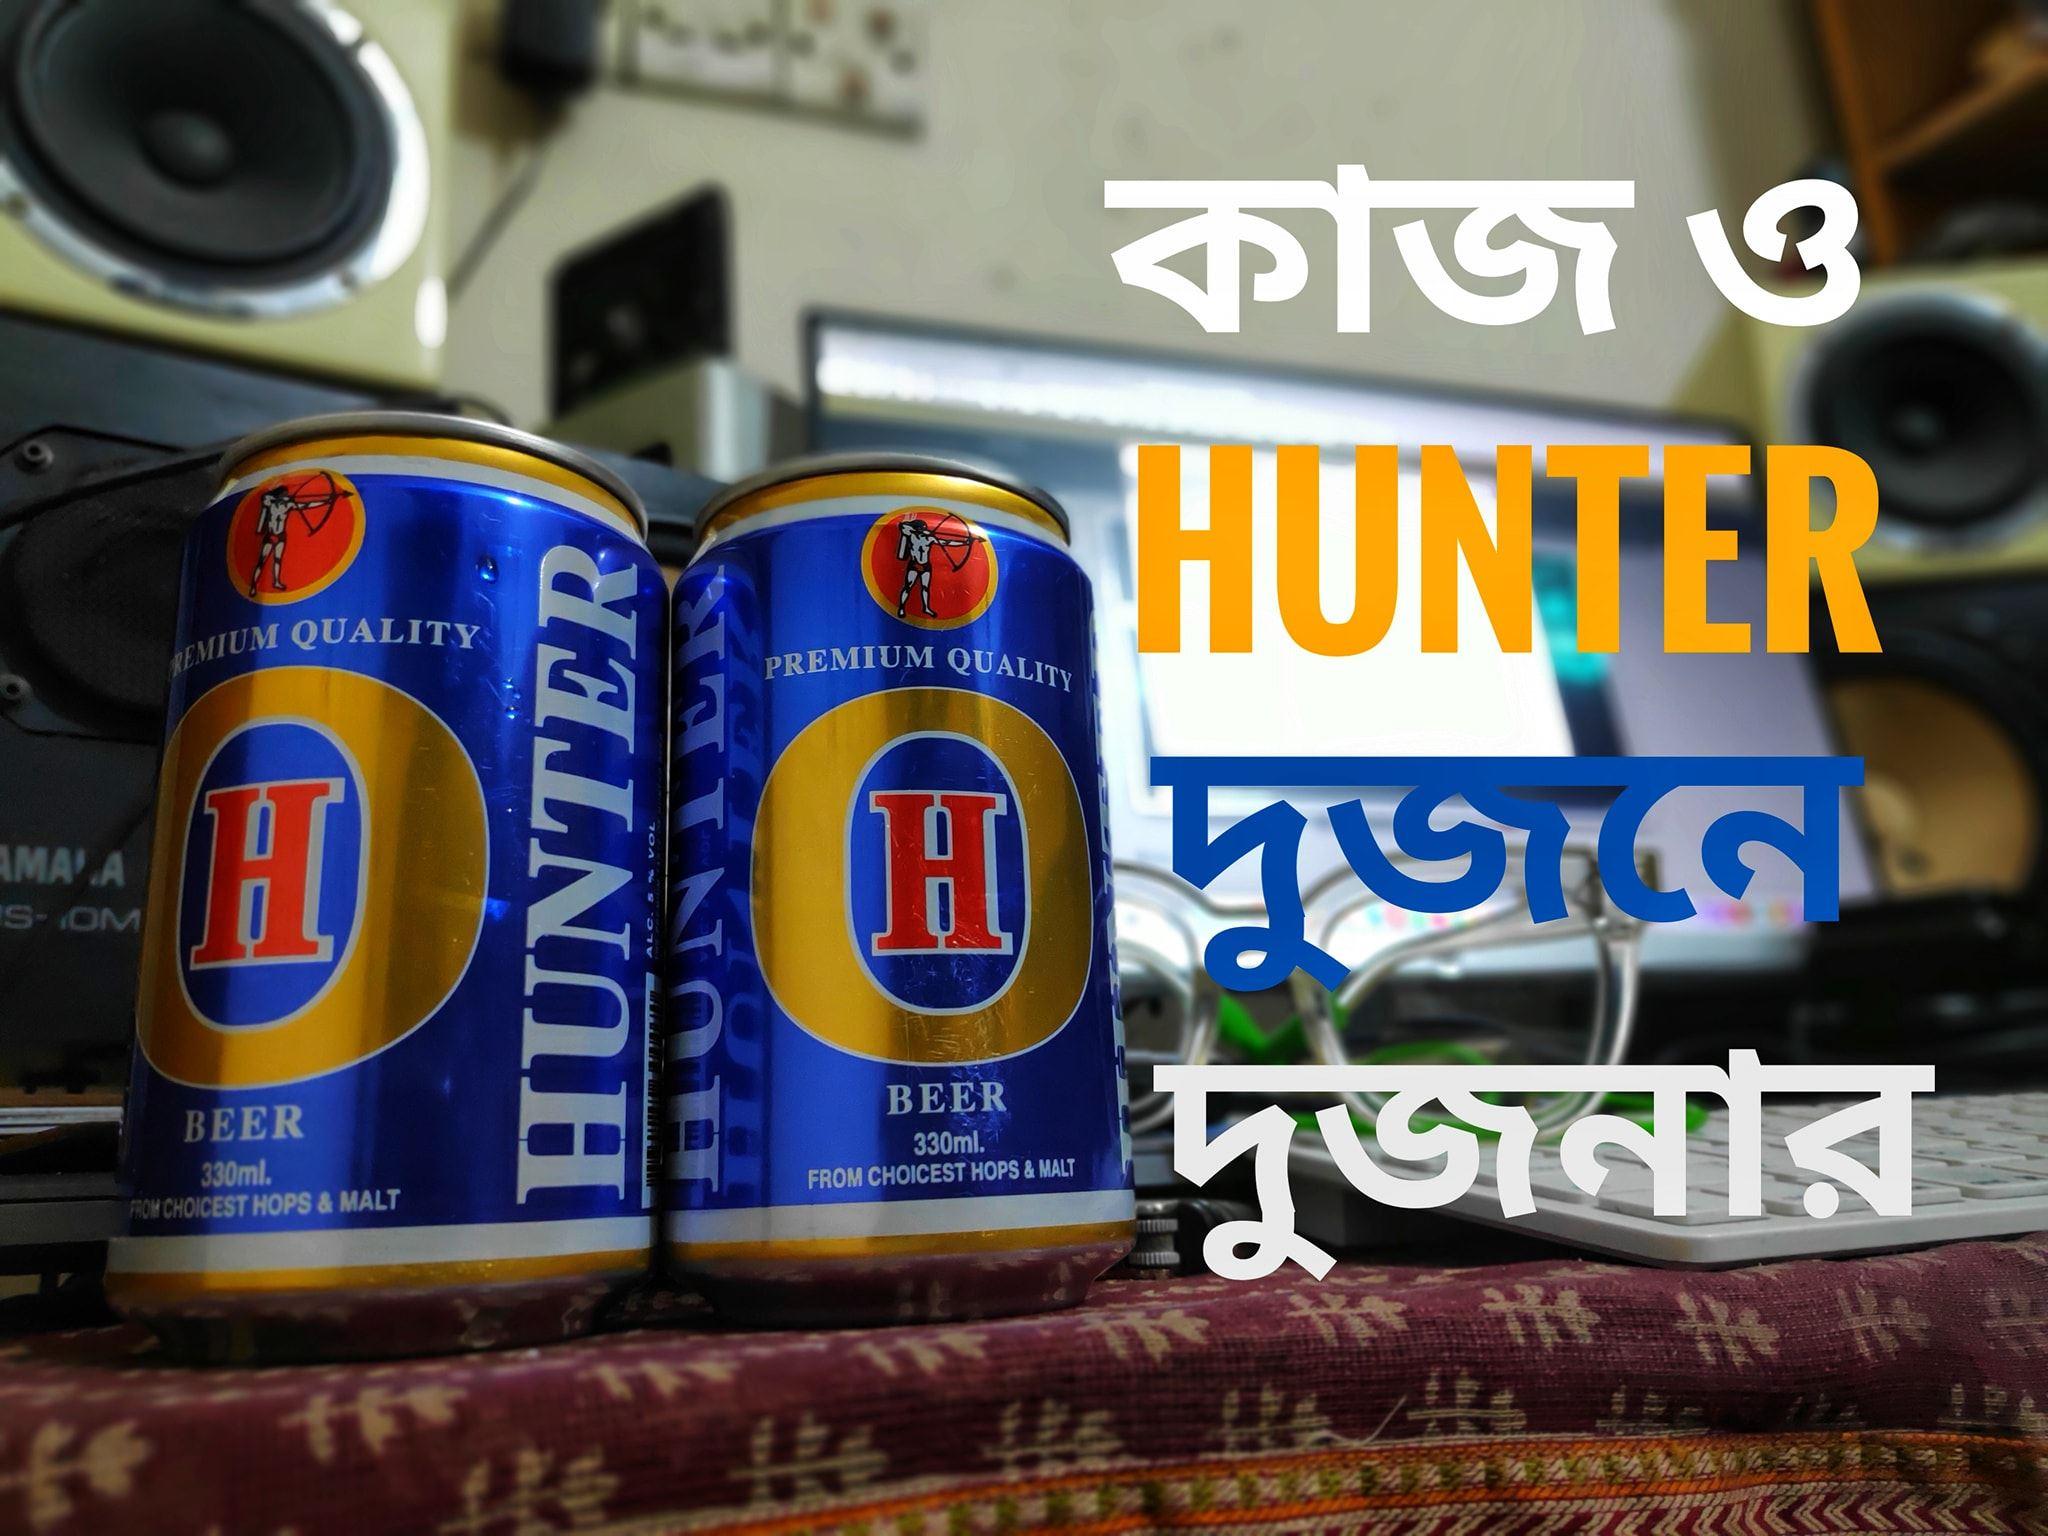 バングラデシュで飲める国産ビール「HUNTER BEER」